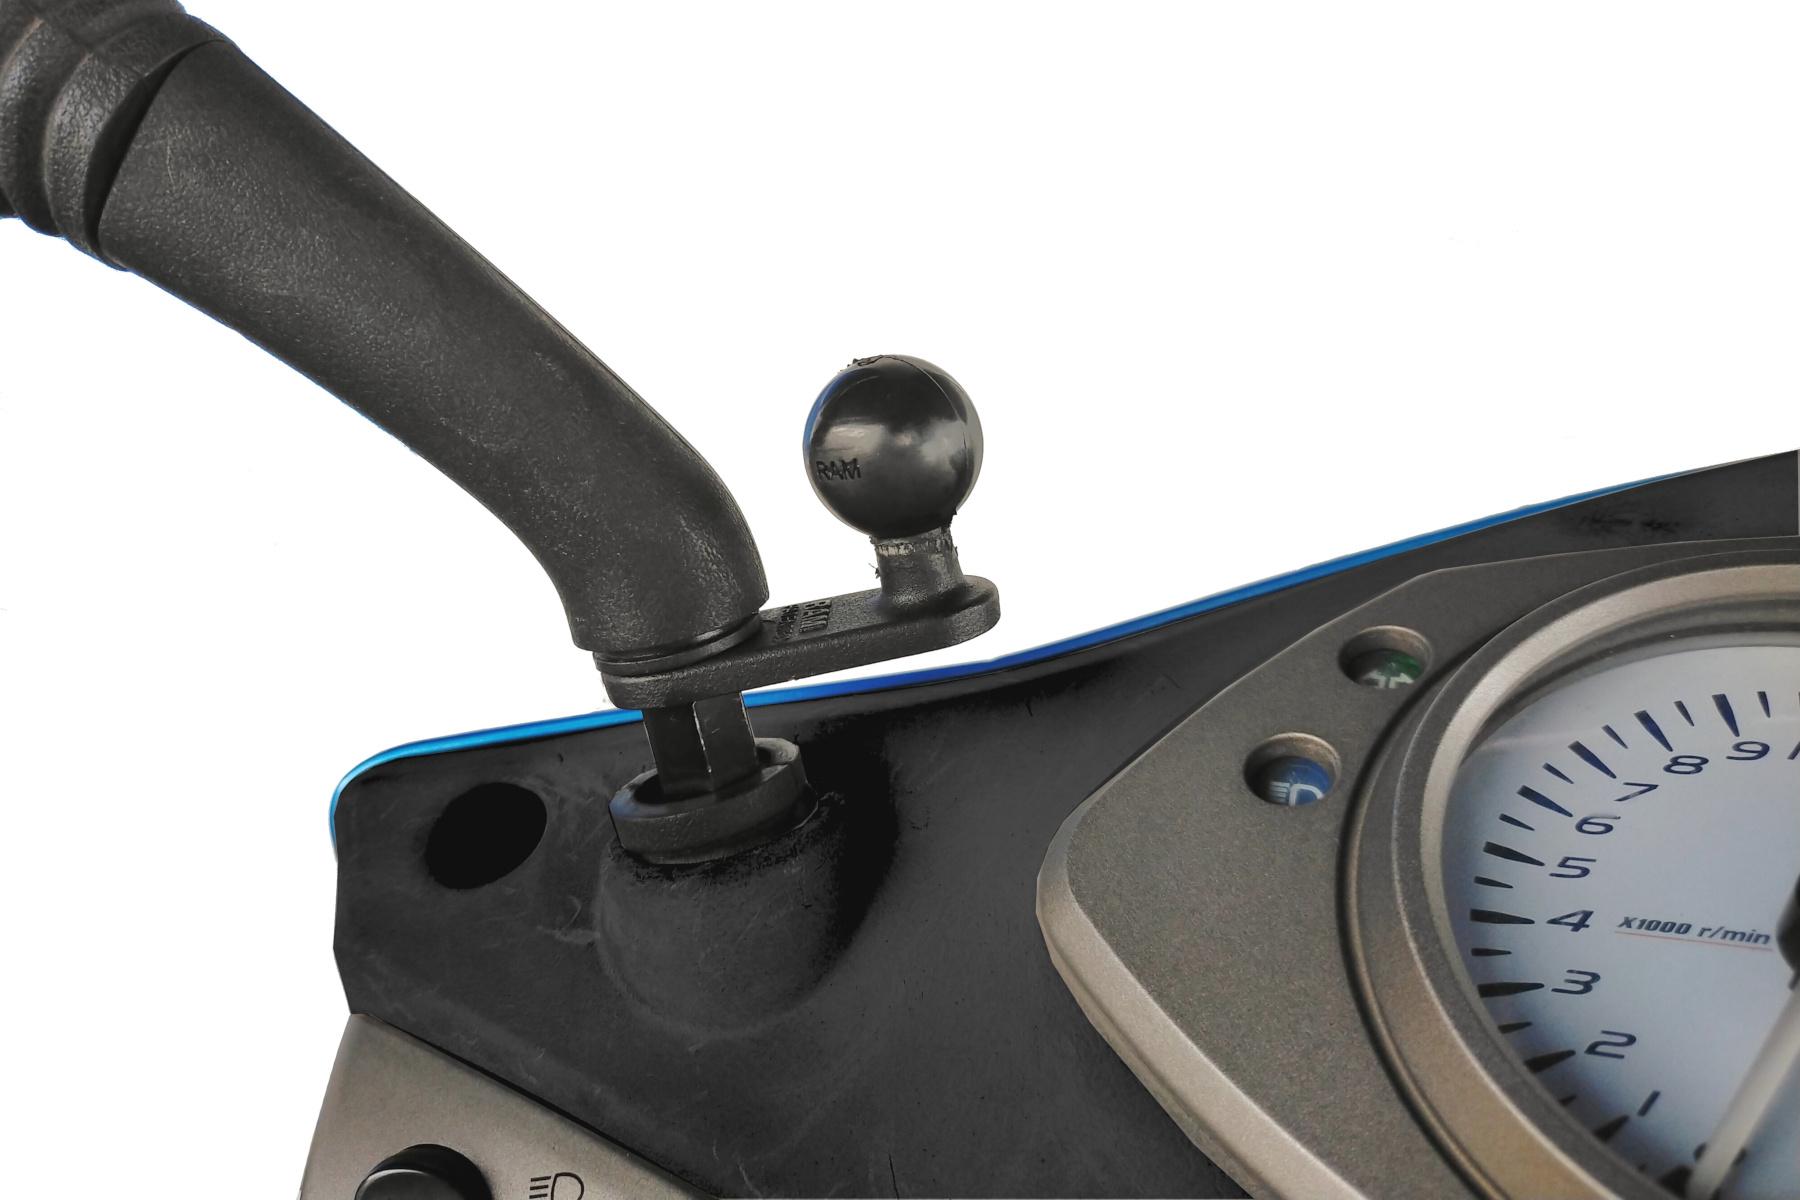 ラムマウント Xグリップ&ミラーフレームセット 11mm穴用 スマートフォン用 ショートアーム 1インチボール RAM-PL4